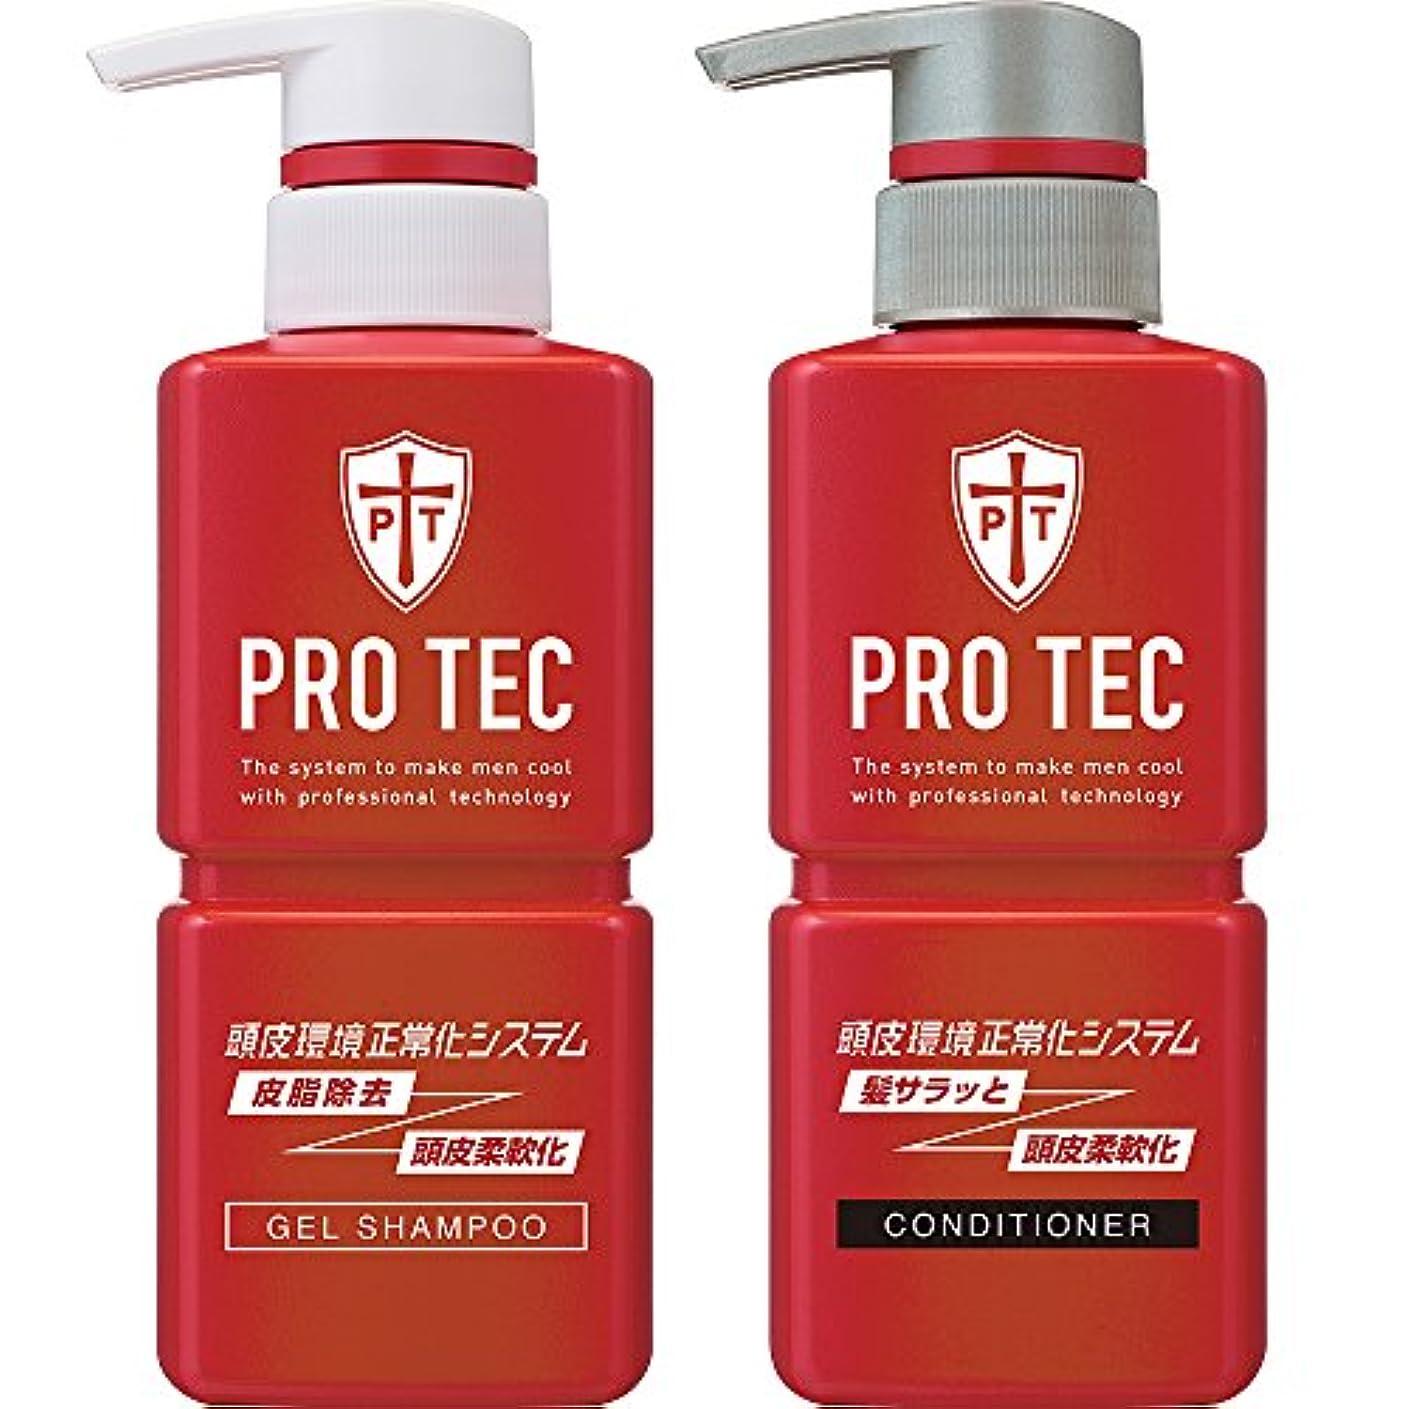 判読できない胆嚢行商人PRO TEC(プロテク) 頭皮ストレッチ シャンプー ポンプ 300g(医薬部外品)+ コンディショナー ポンプ 300g